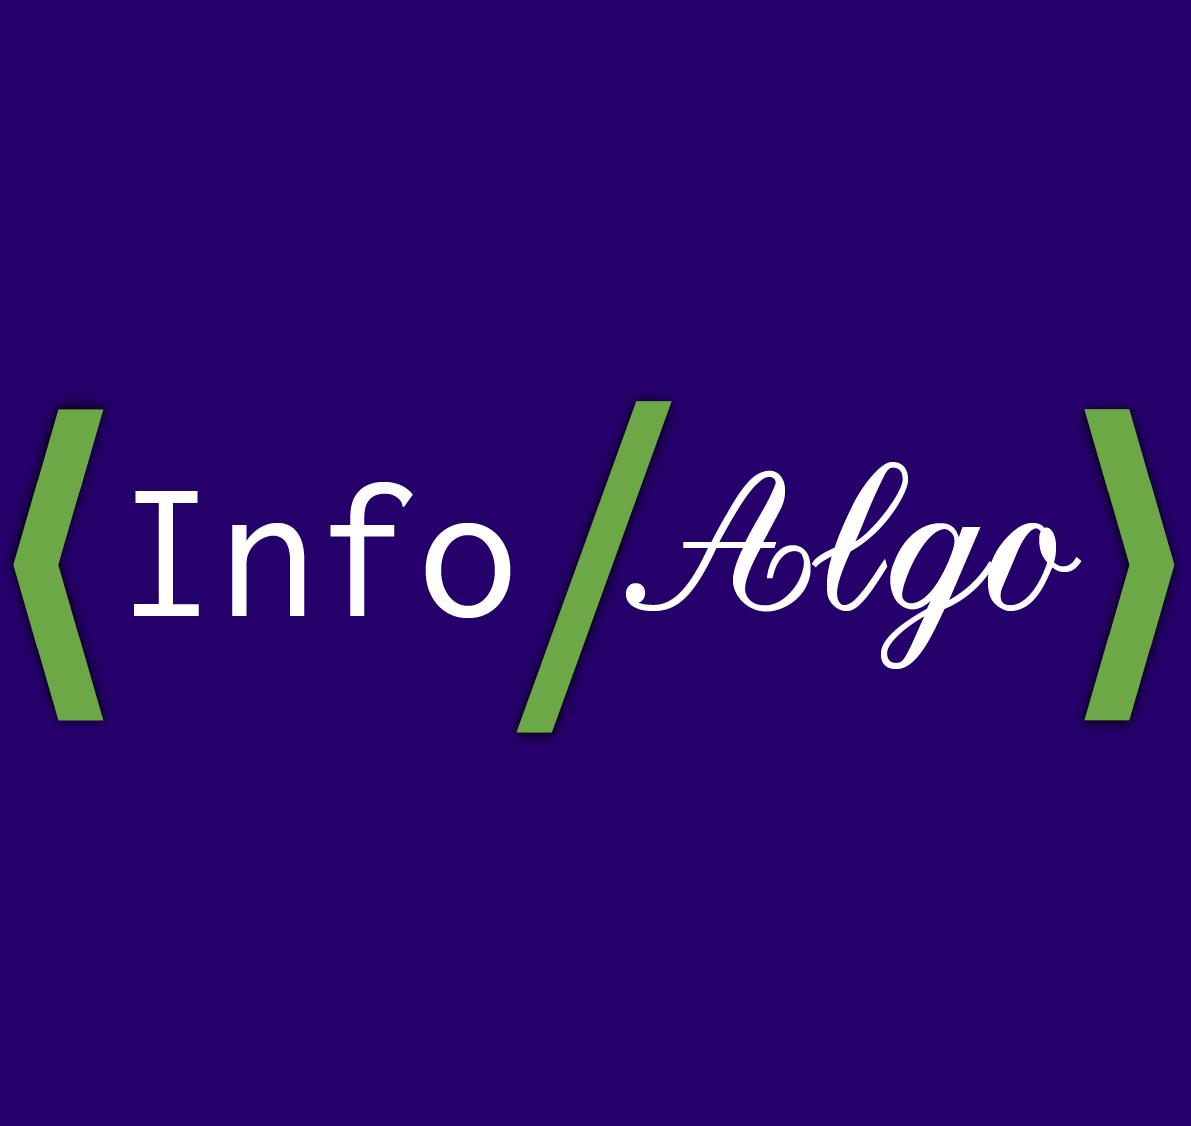 infoalgo